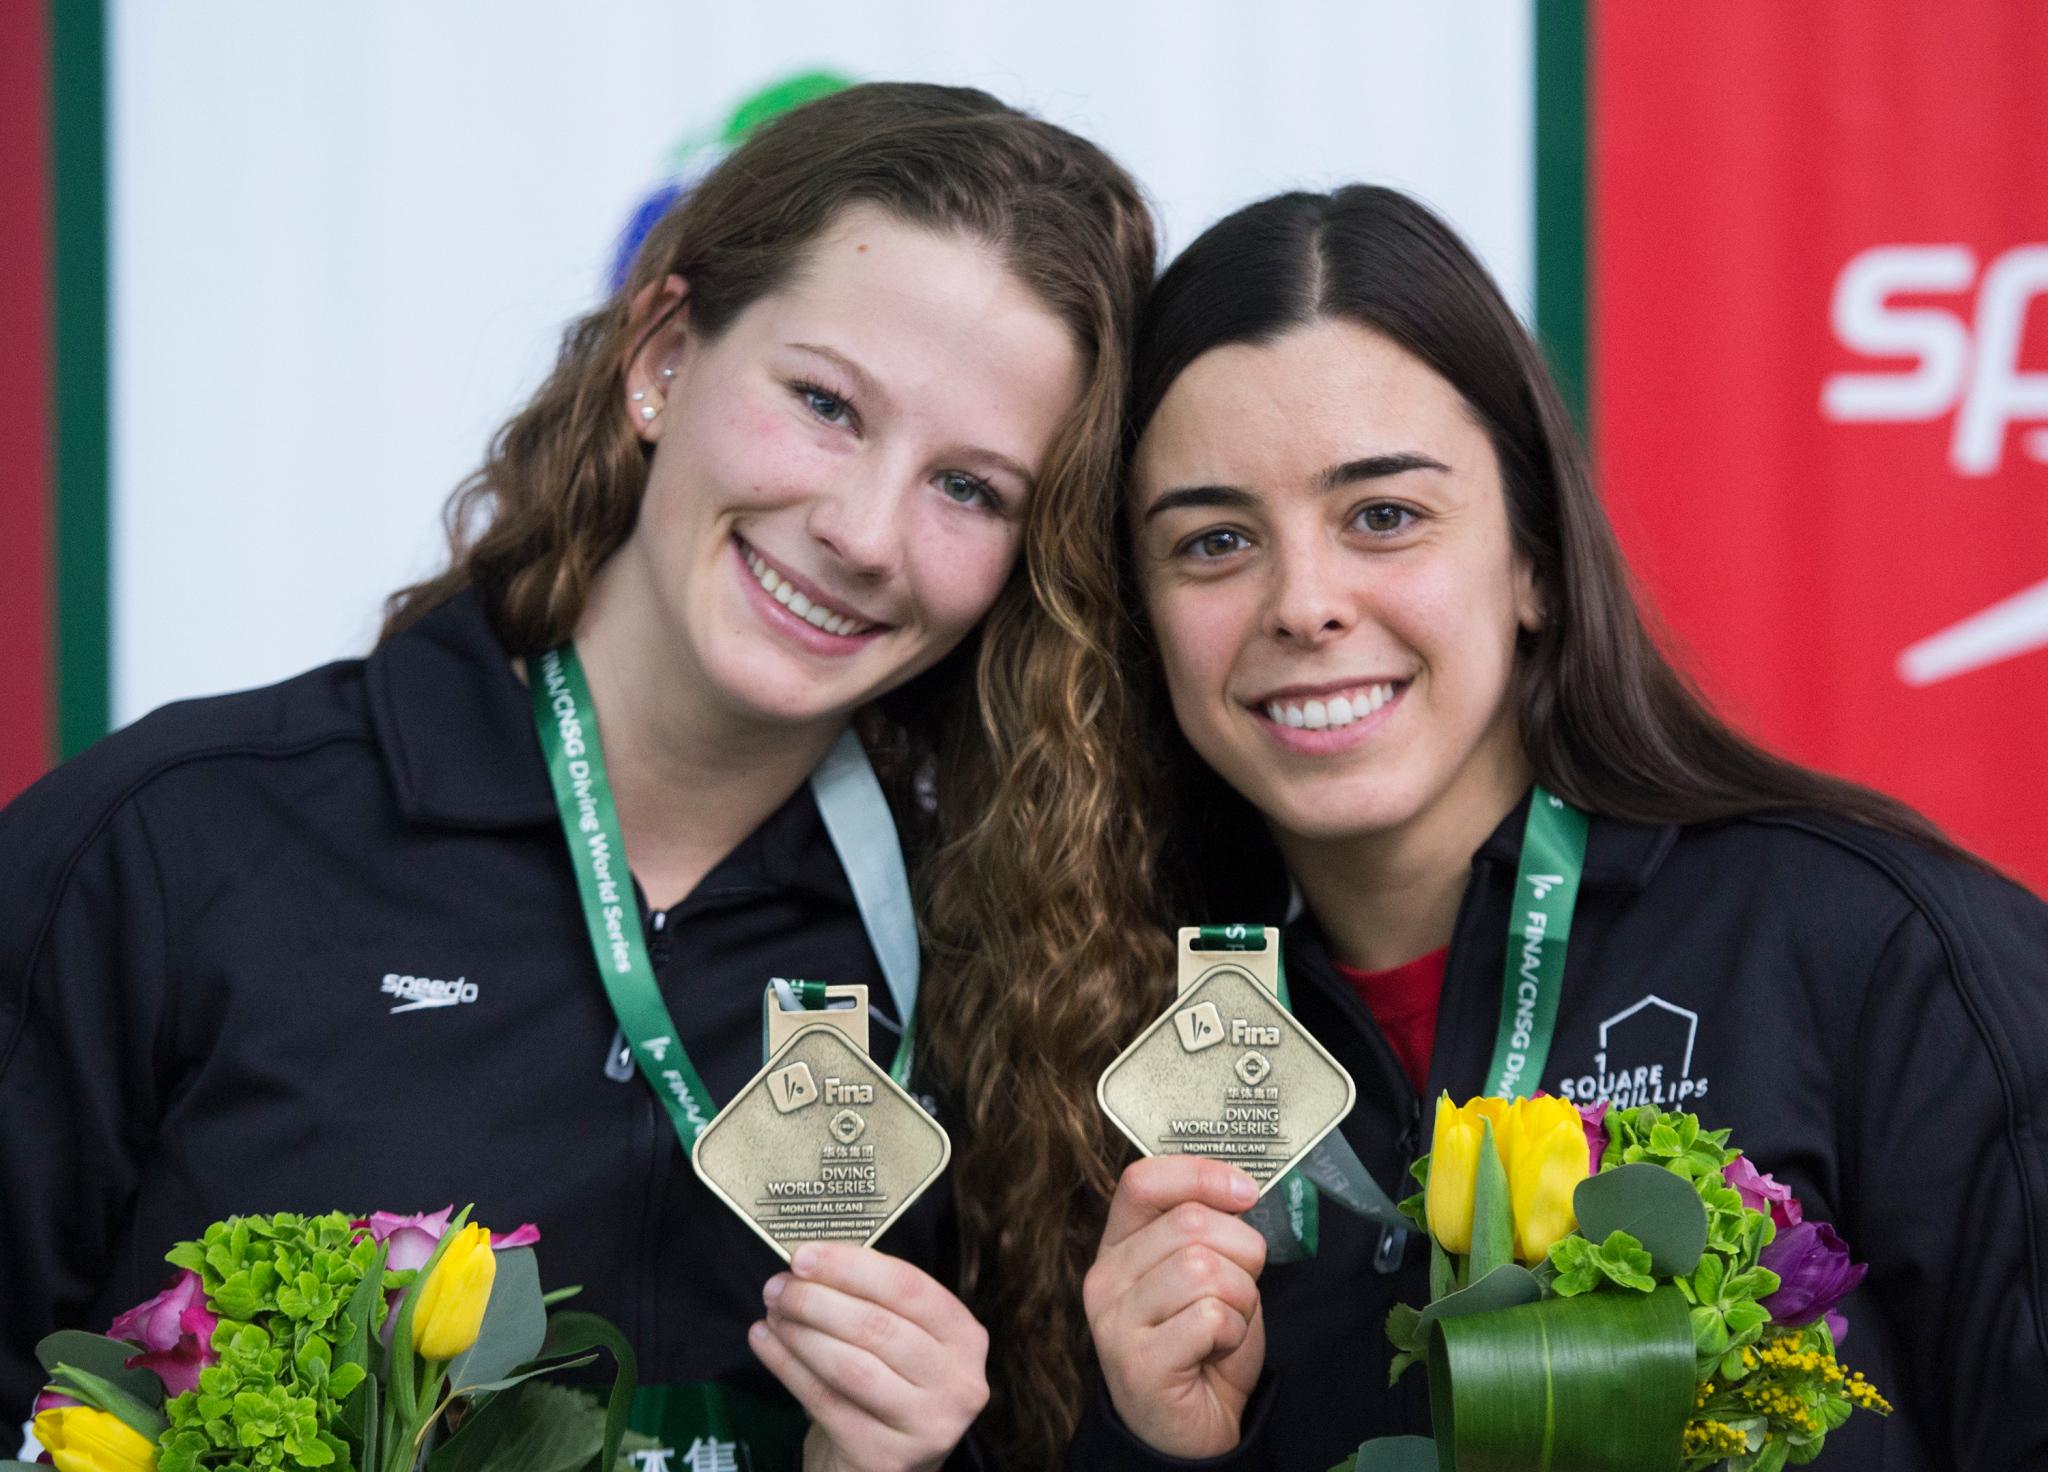 Meaghan Benfeito et Caeli McKay du Canada présentent leur médaille d'or après leur victoire en plongeon synchronisé